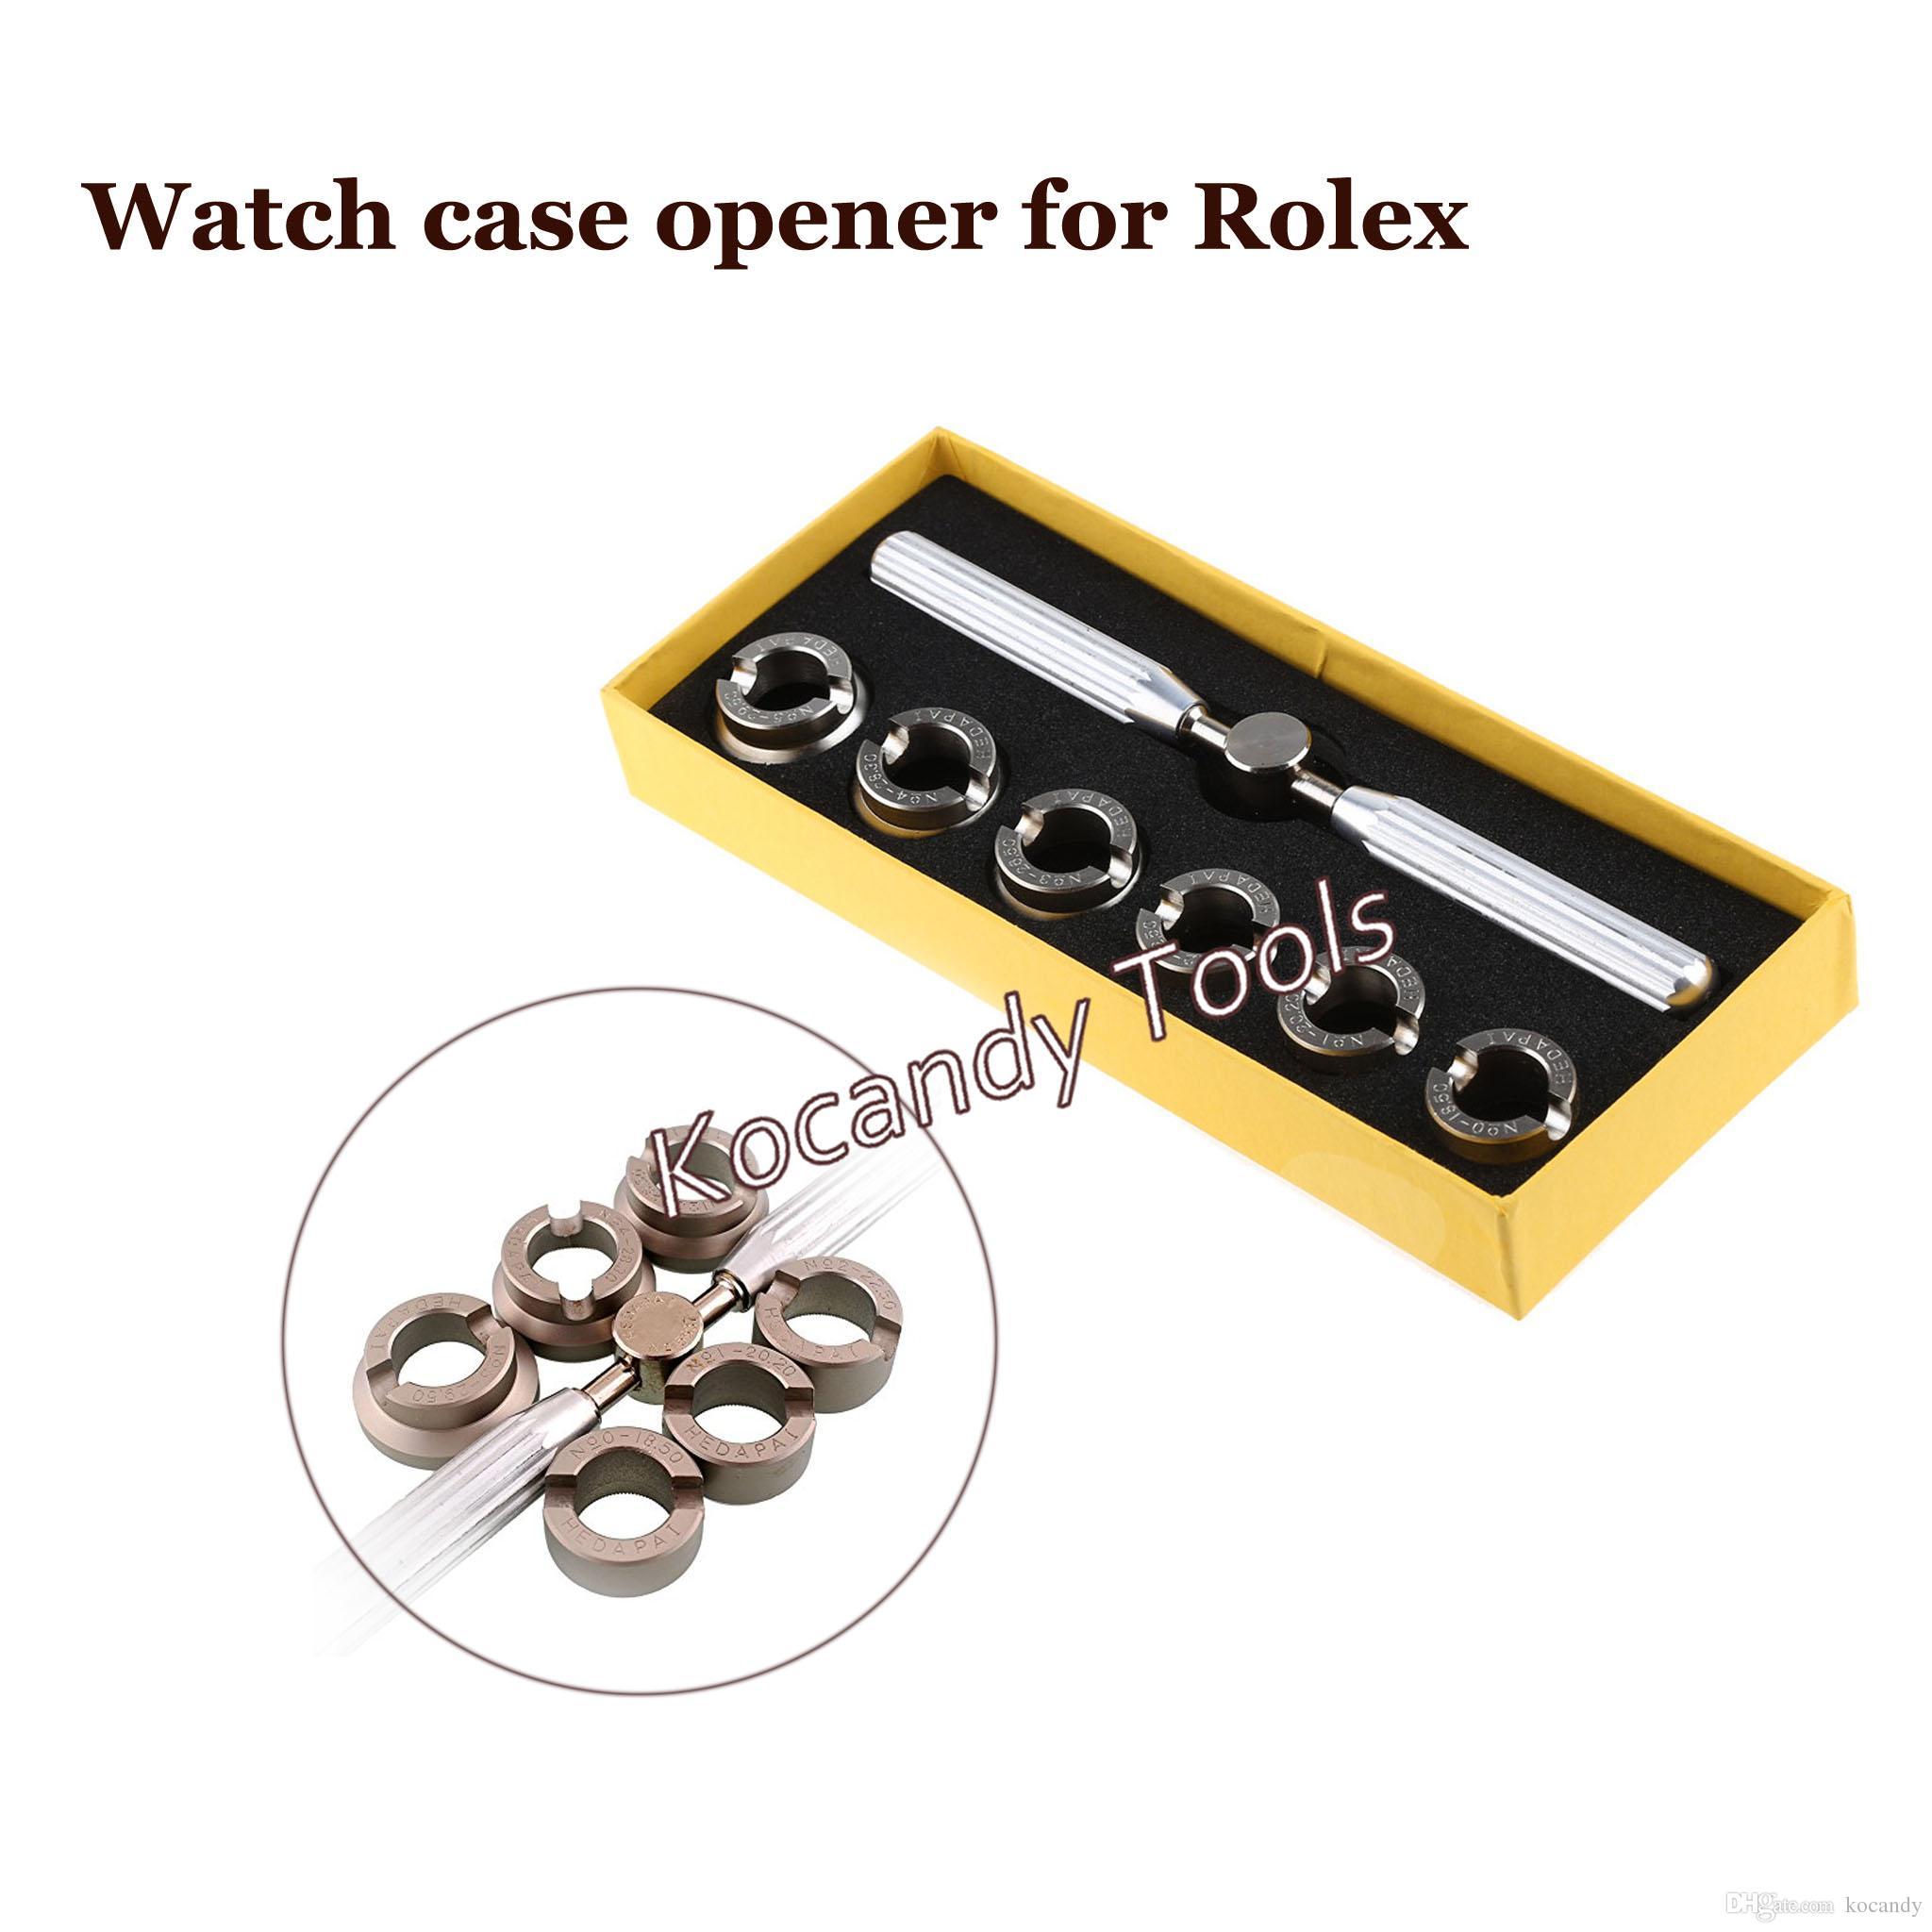 d4ebbb2bccb Compre Conjunto De 6 Abridores De Caso Para Rolex Assista 18.5 29.5mm 5537  Assista Case Opener Assista Repair Tool De Kocandy